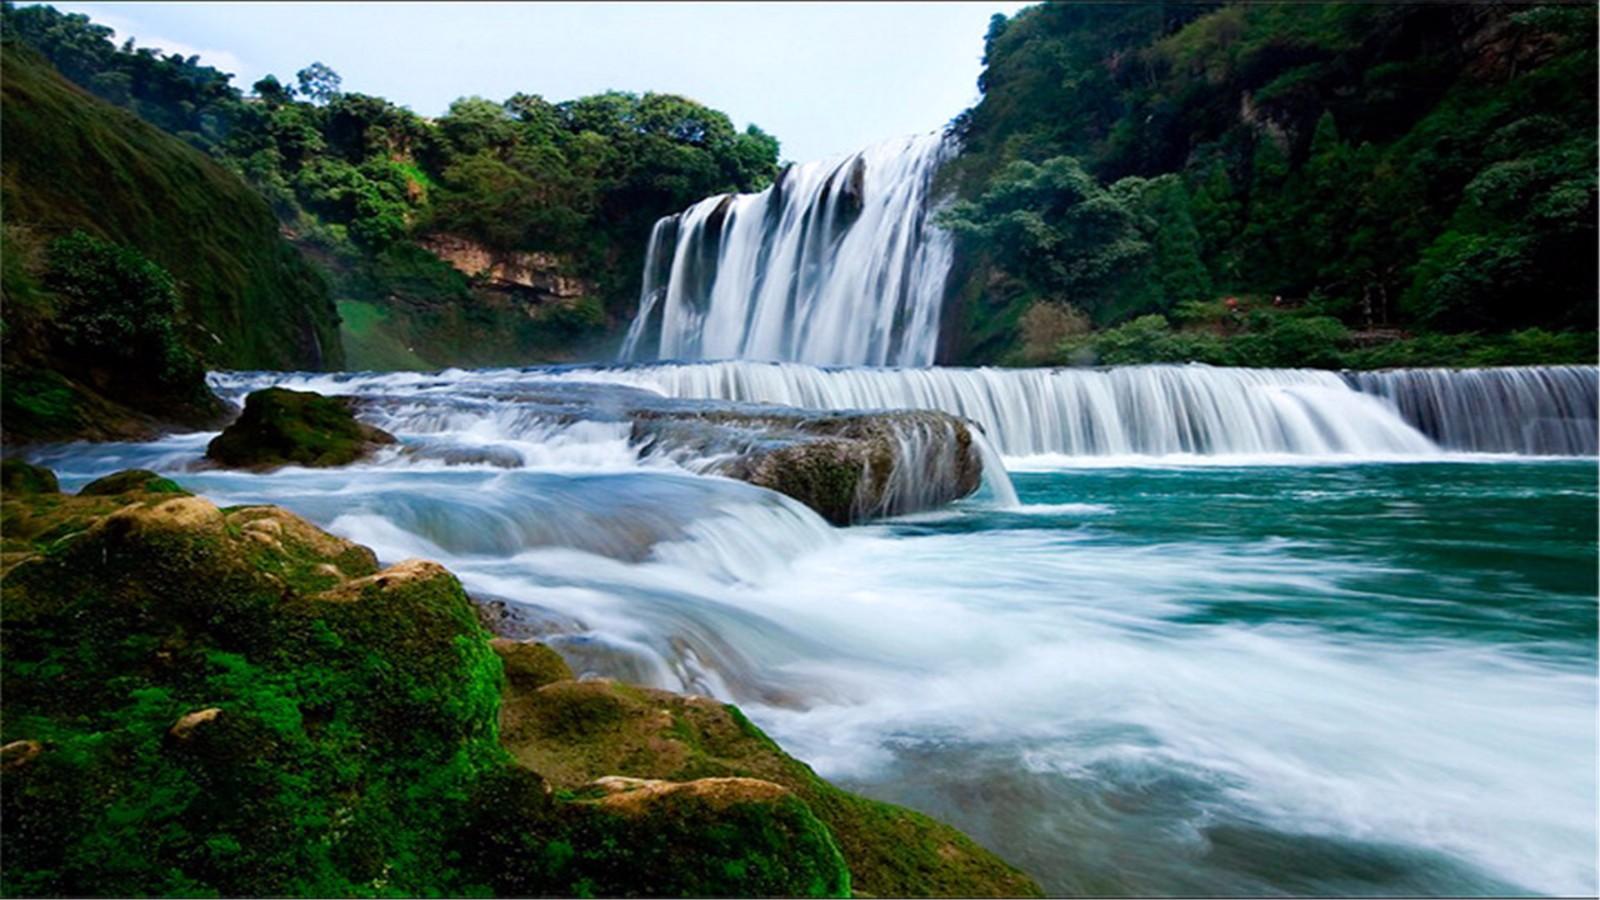 大�y�9�%9�._part 08 早晨车程1小时到黄果树,进入亚洲最大瀑布游览巨大瀑崖上